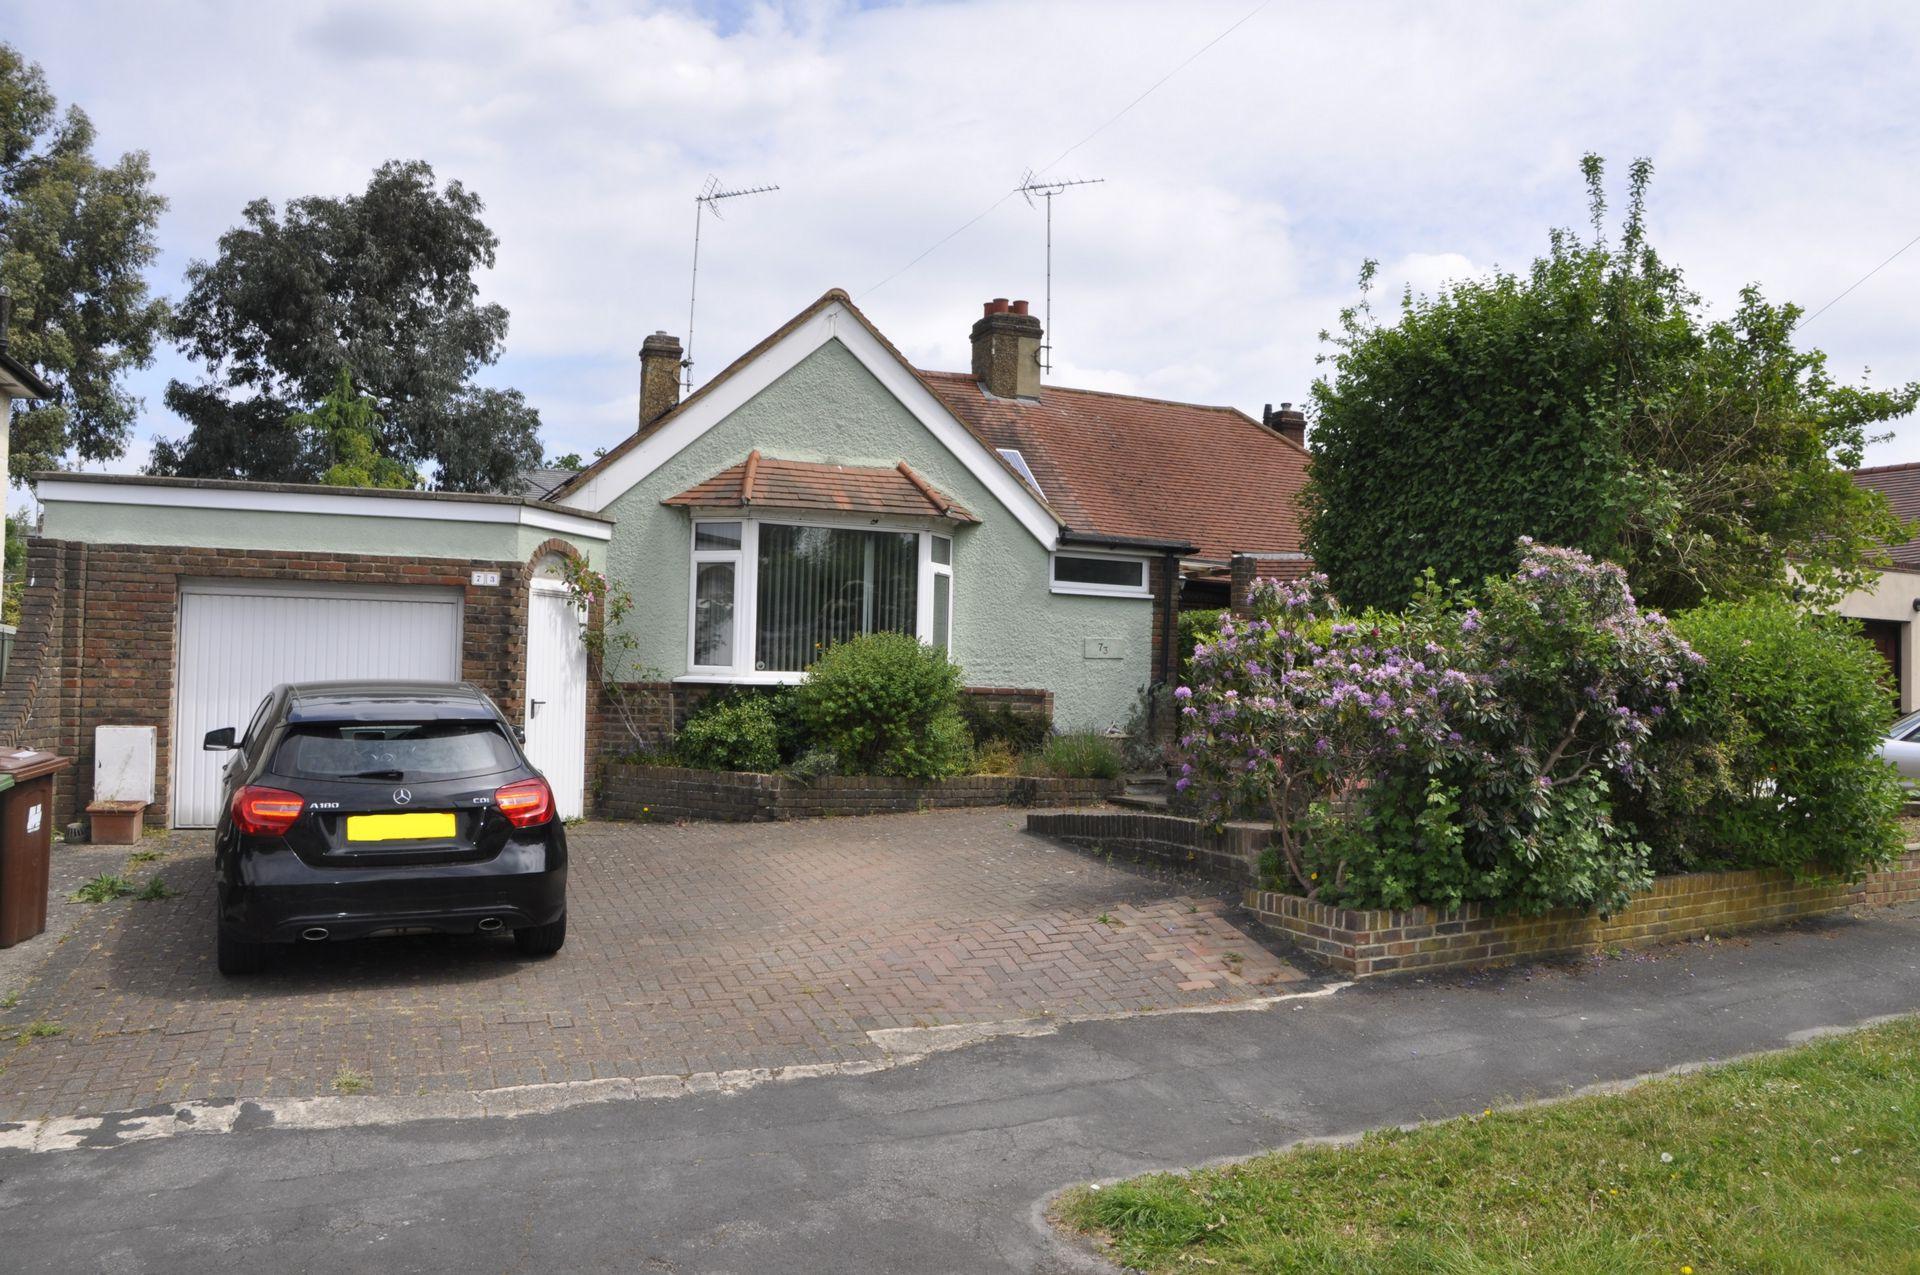 Strafford Gate  Potters Bar  EN6